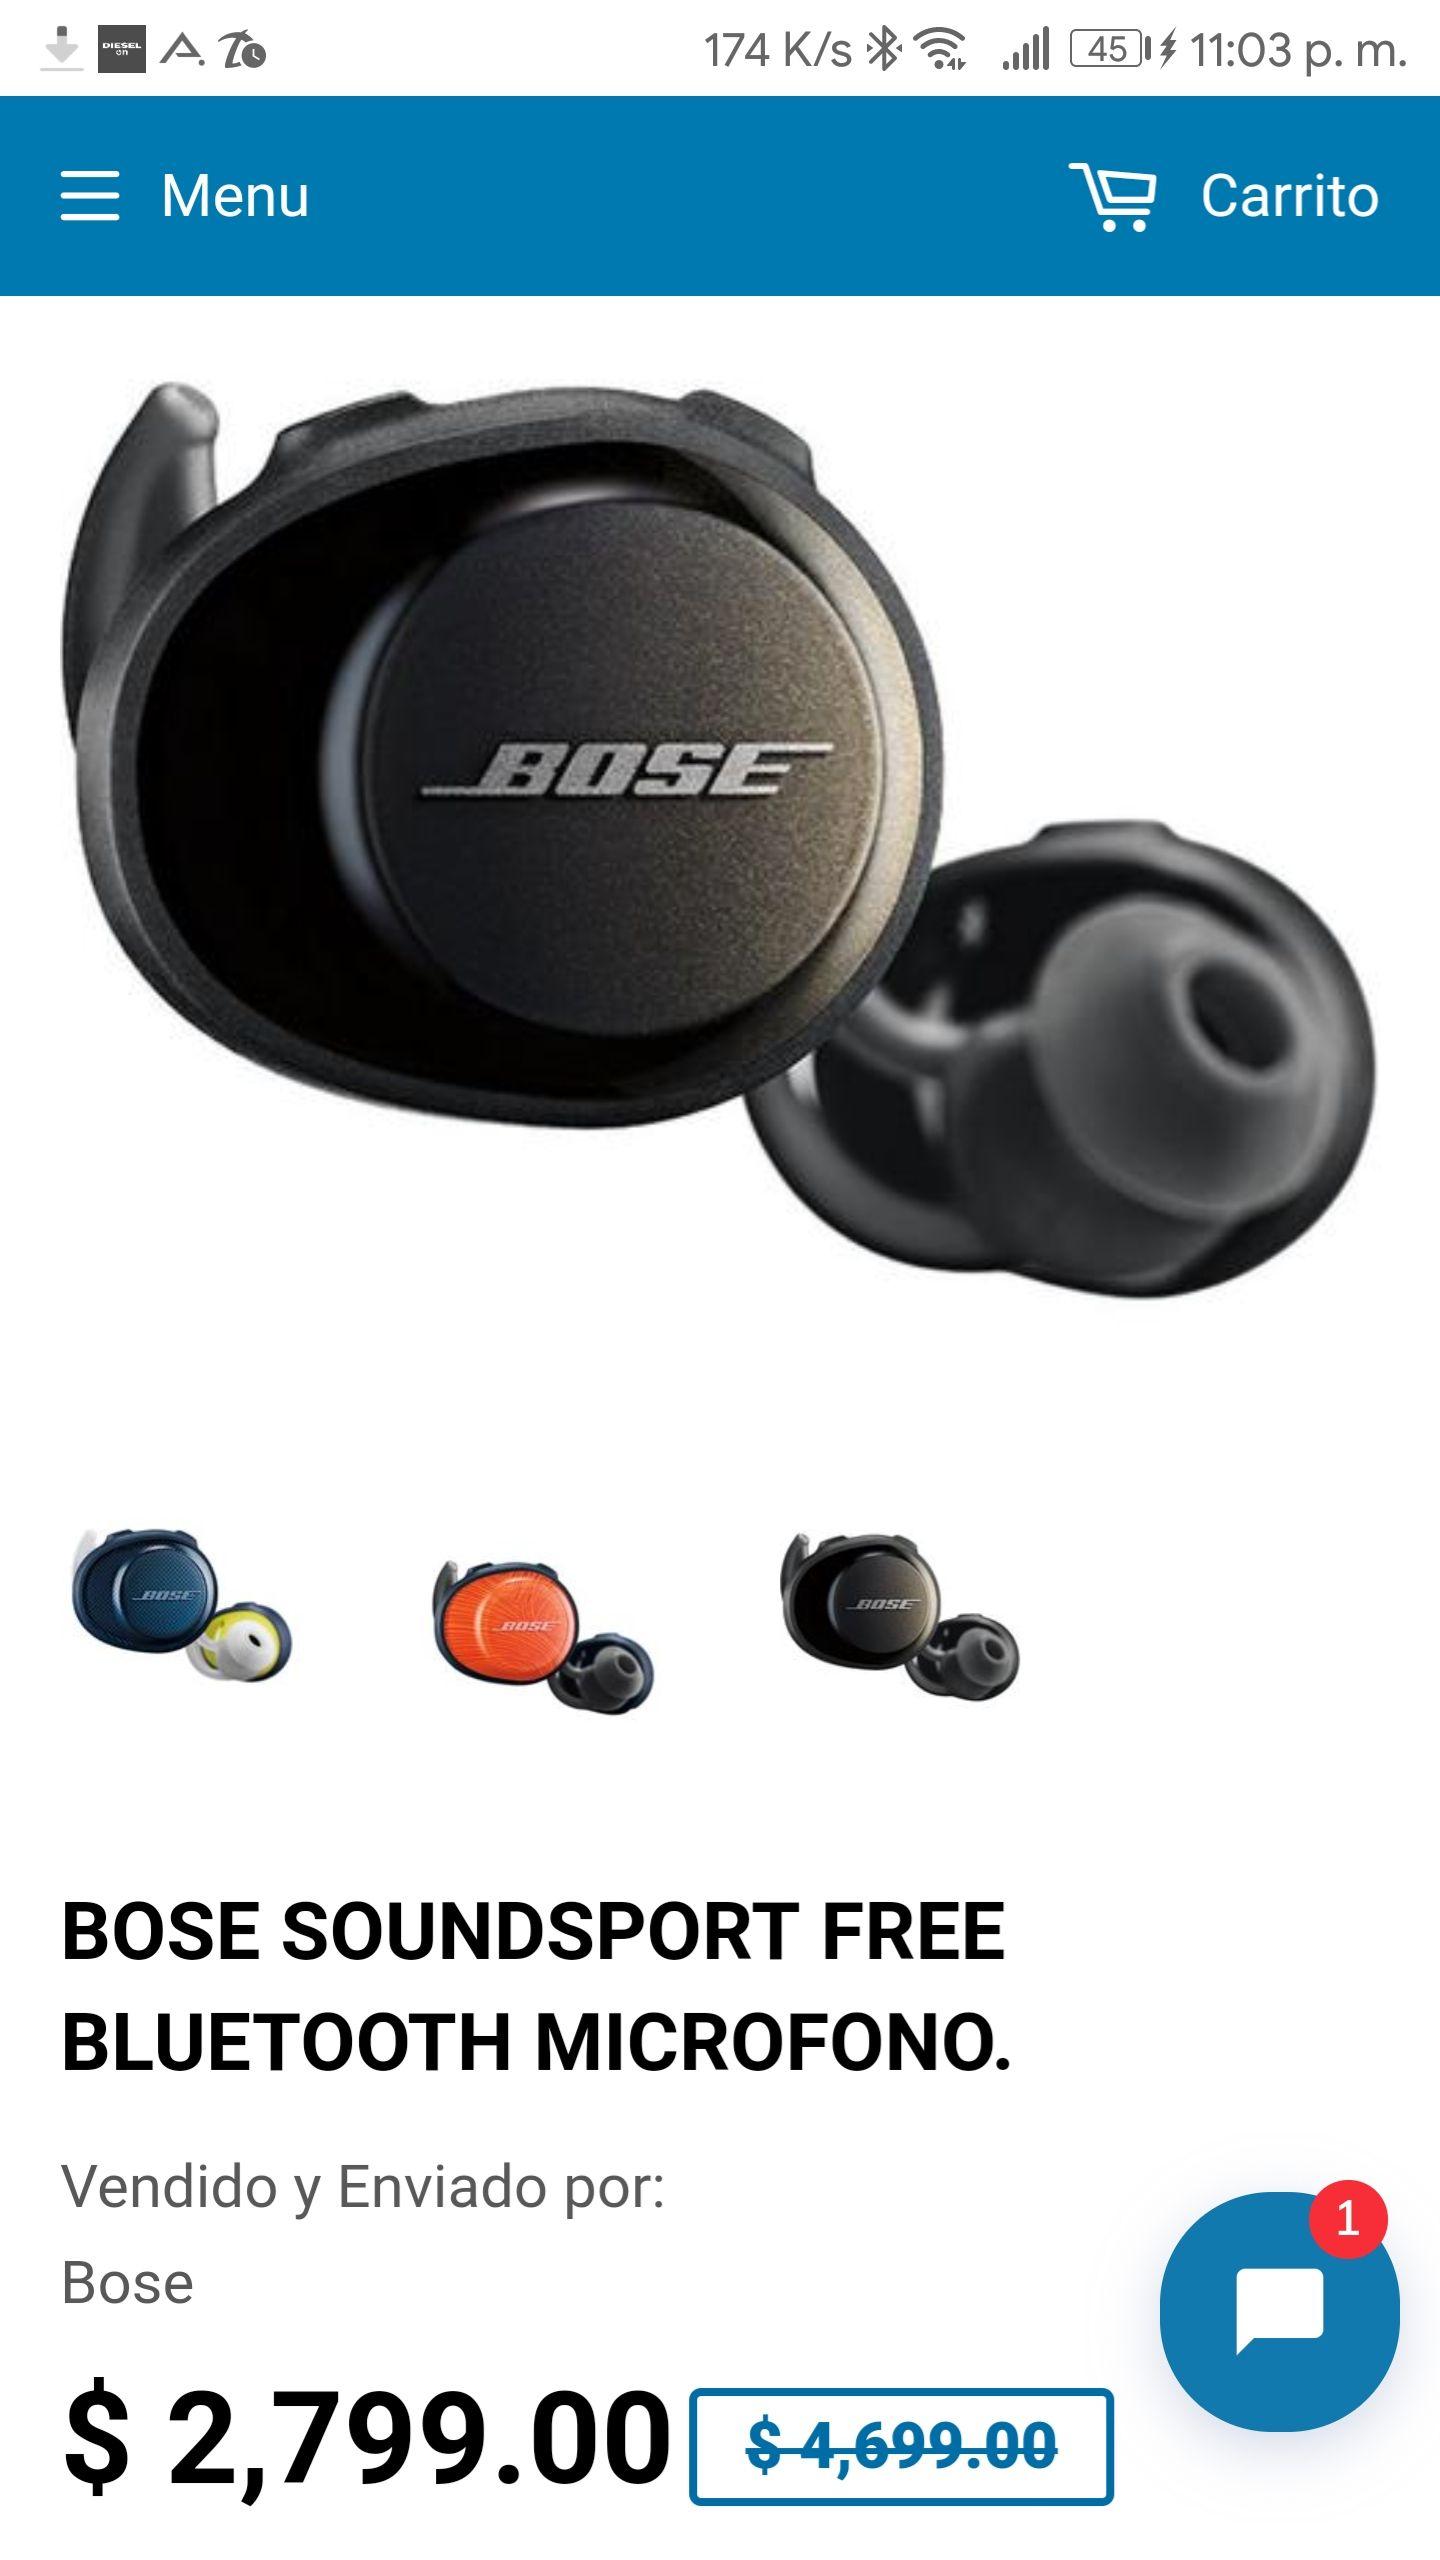 Dprisa: Bose Soundsport Free y más audífonos en descuento